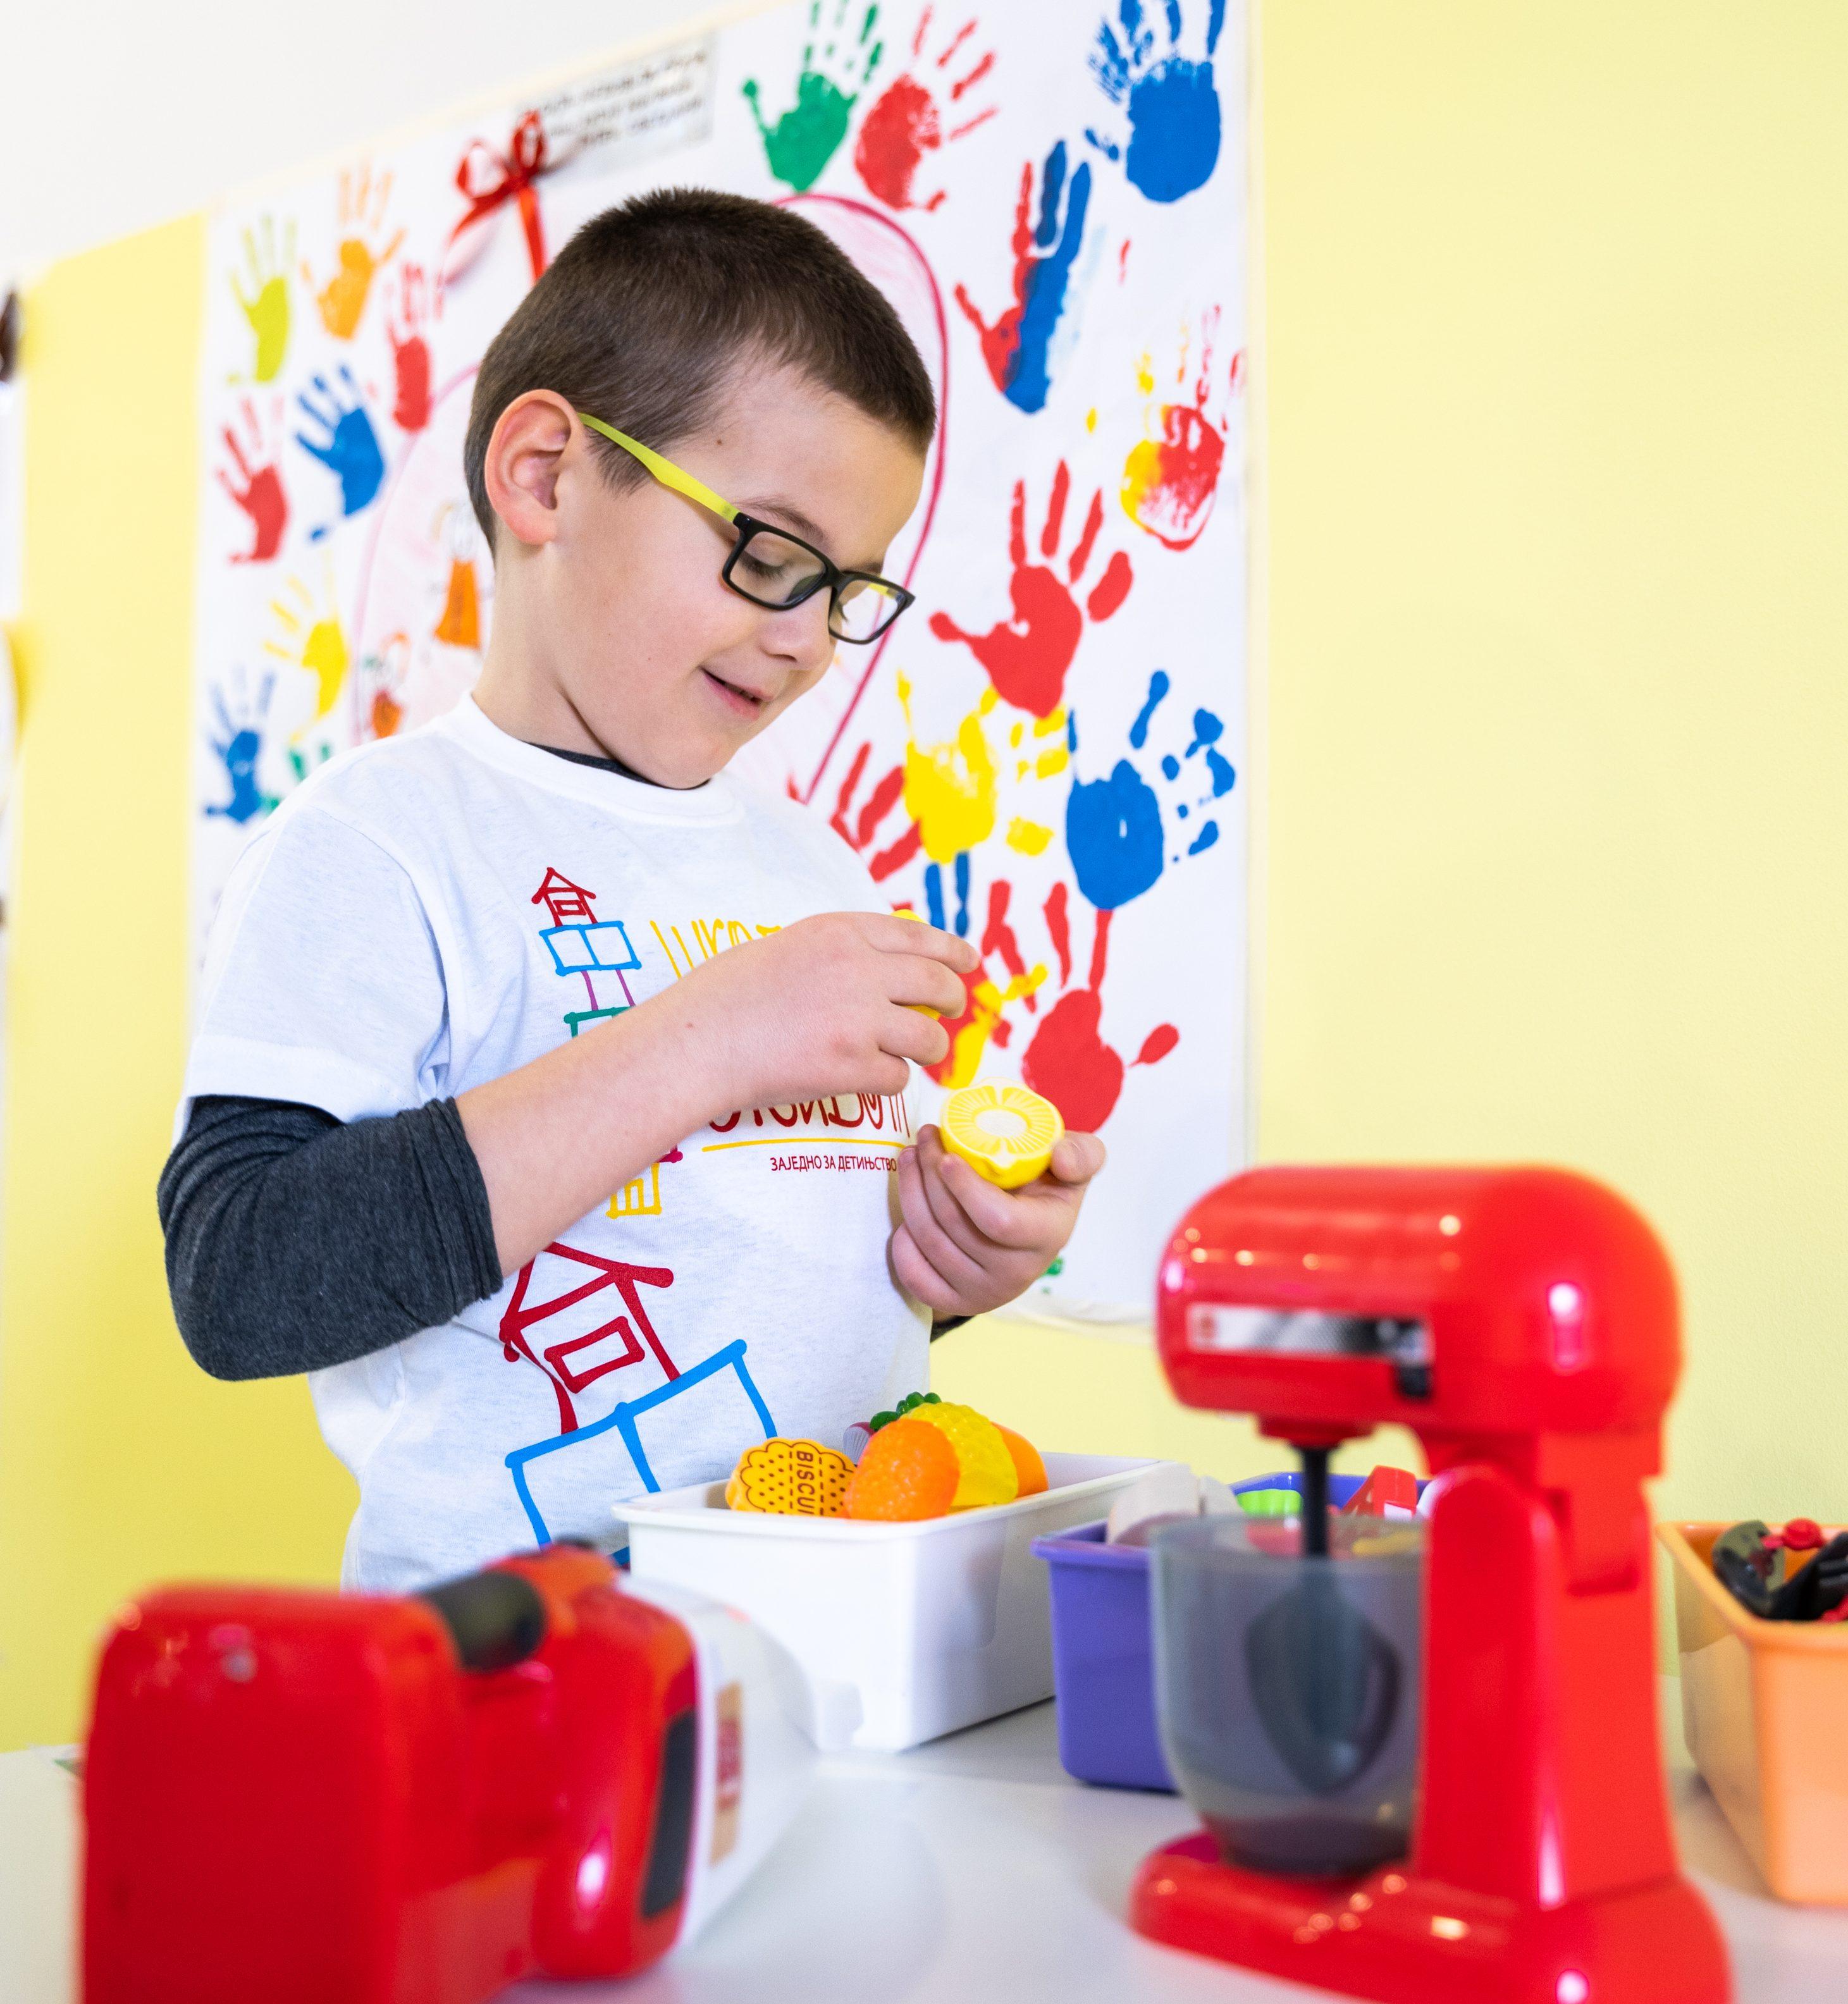 majući u vidu da fizička aktivnost dece na otvorenom doprinosi boljem imunitetu, sintezi vitamina D i utiče na apsorpciju kalcijuma i izgradnju koštano zglobnog sistema, veoma je važno koju hranu nuditi deci i kako svakodnevno realizovati njihovu ishranu u ovom periodu, kada nam je svima kretanje ograničeno na minimum.